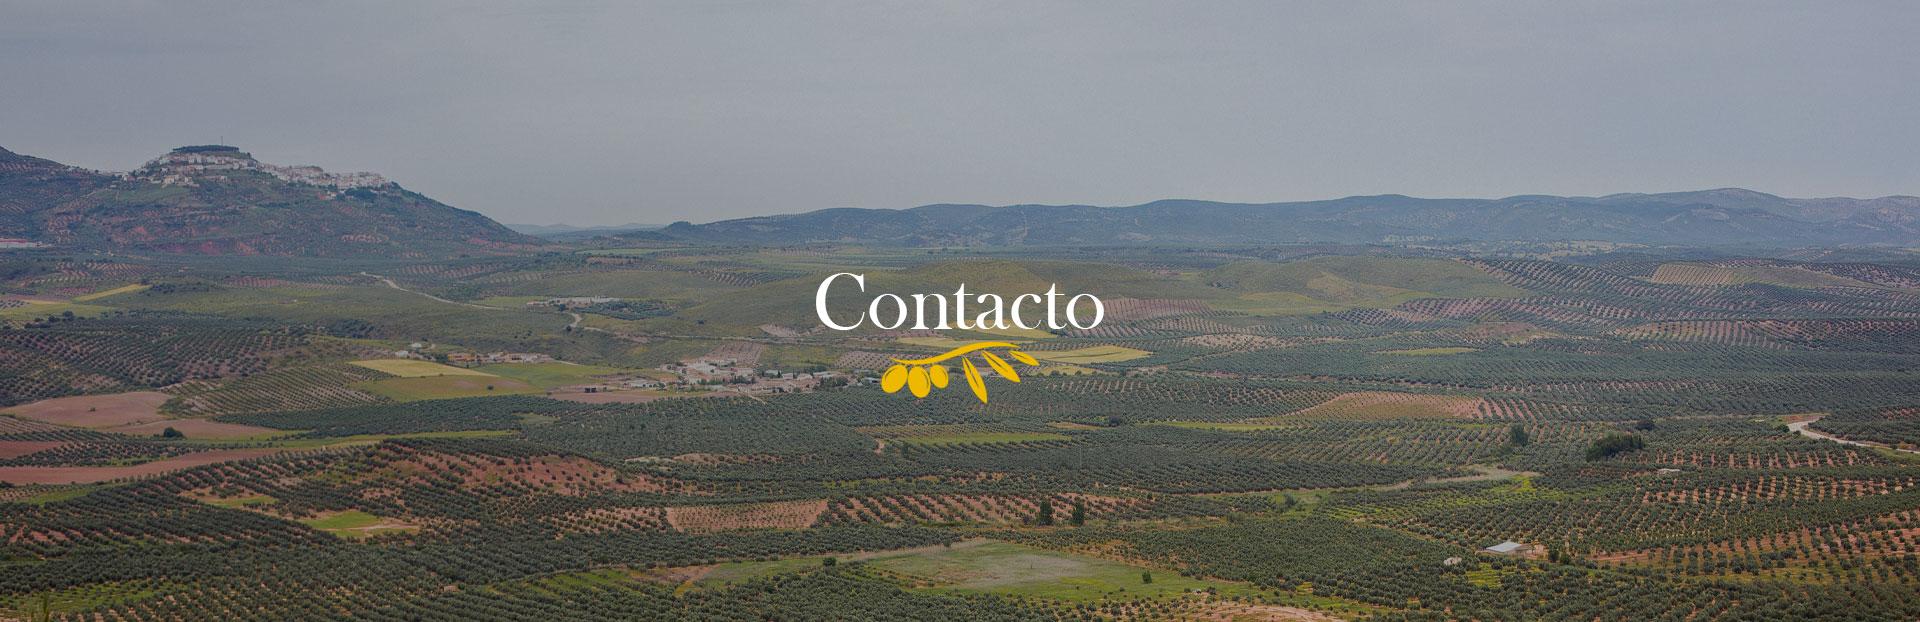 AceitesUnicos_slider_contacto_castellano